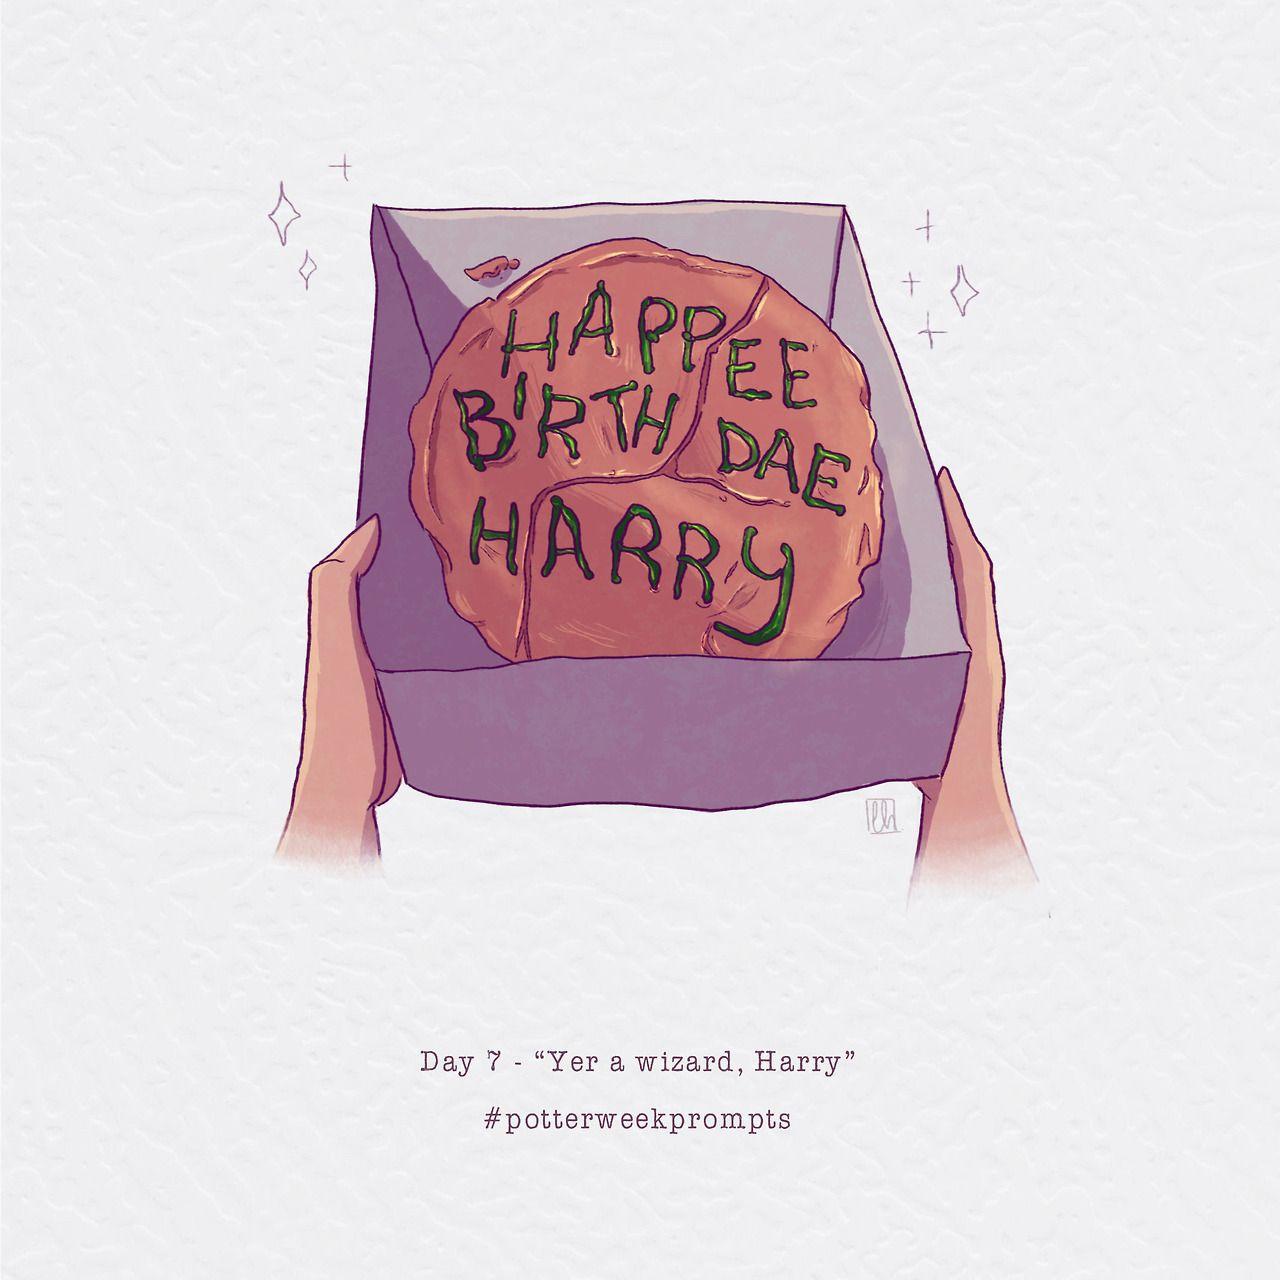 Tios Nao Lhe Dao Presentes Nem Sequer Parabens E Aparece Um Estranho E Da Lhe Um Presente E Harry Potter Drawings Harry Potter Aesthetic Harry Potter Pictures